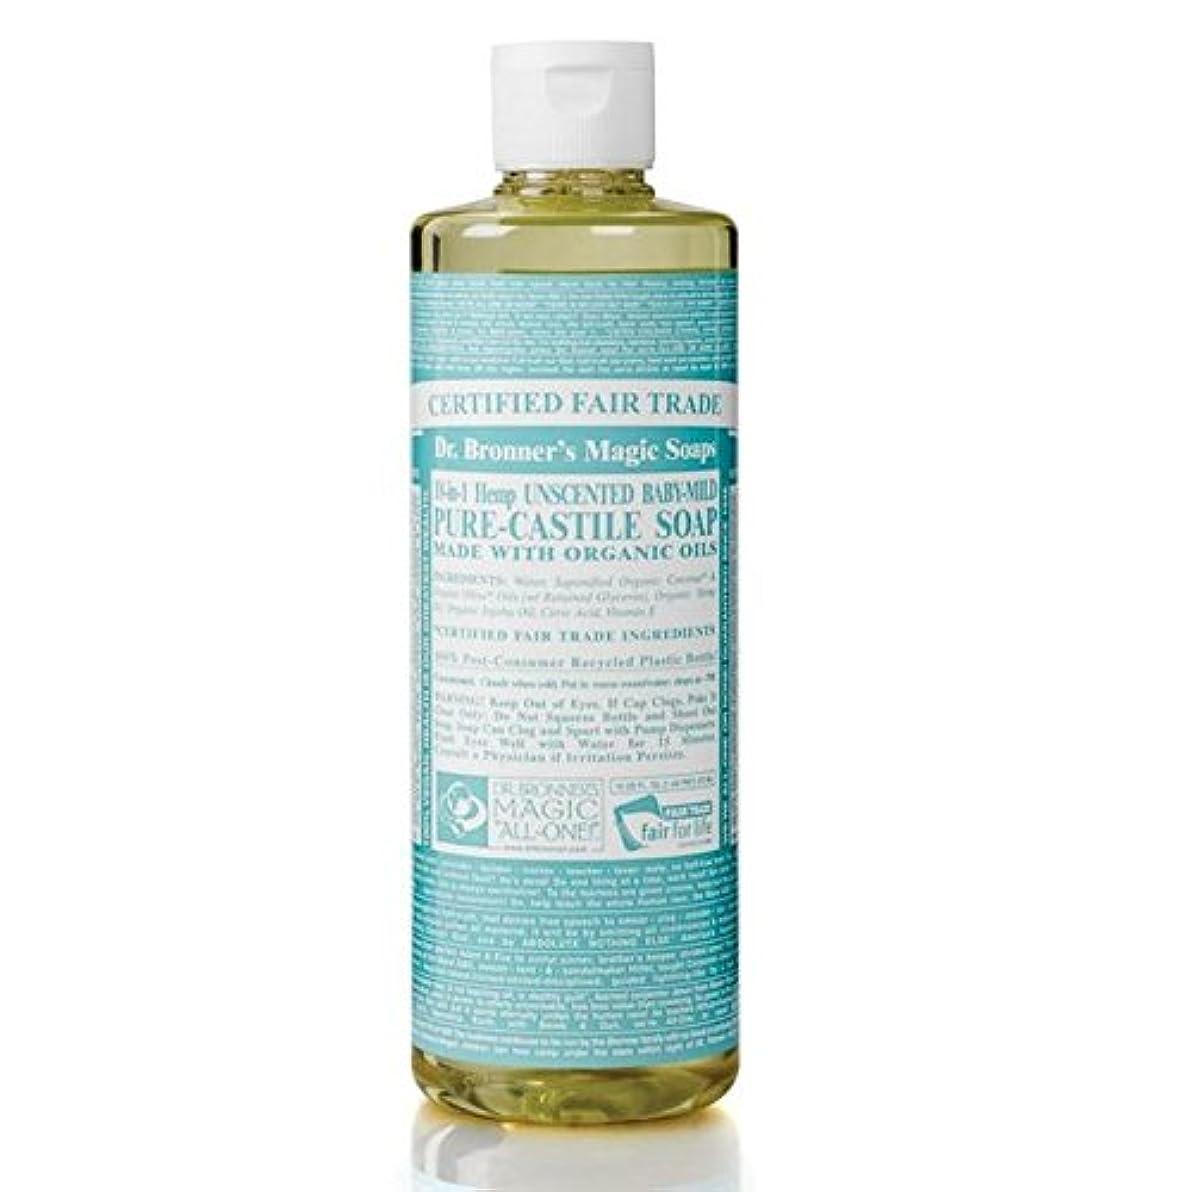 和解する示すブルーベルDr Bronner Organic Baby Mild Castile Liquid Soap 473ml - のブロナーオーガニックベビーマイルドなカスティーリャ液体石鹸473ミリリットル [並行輸入品]